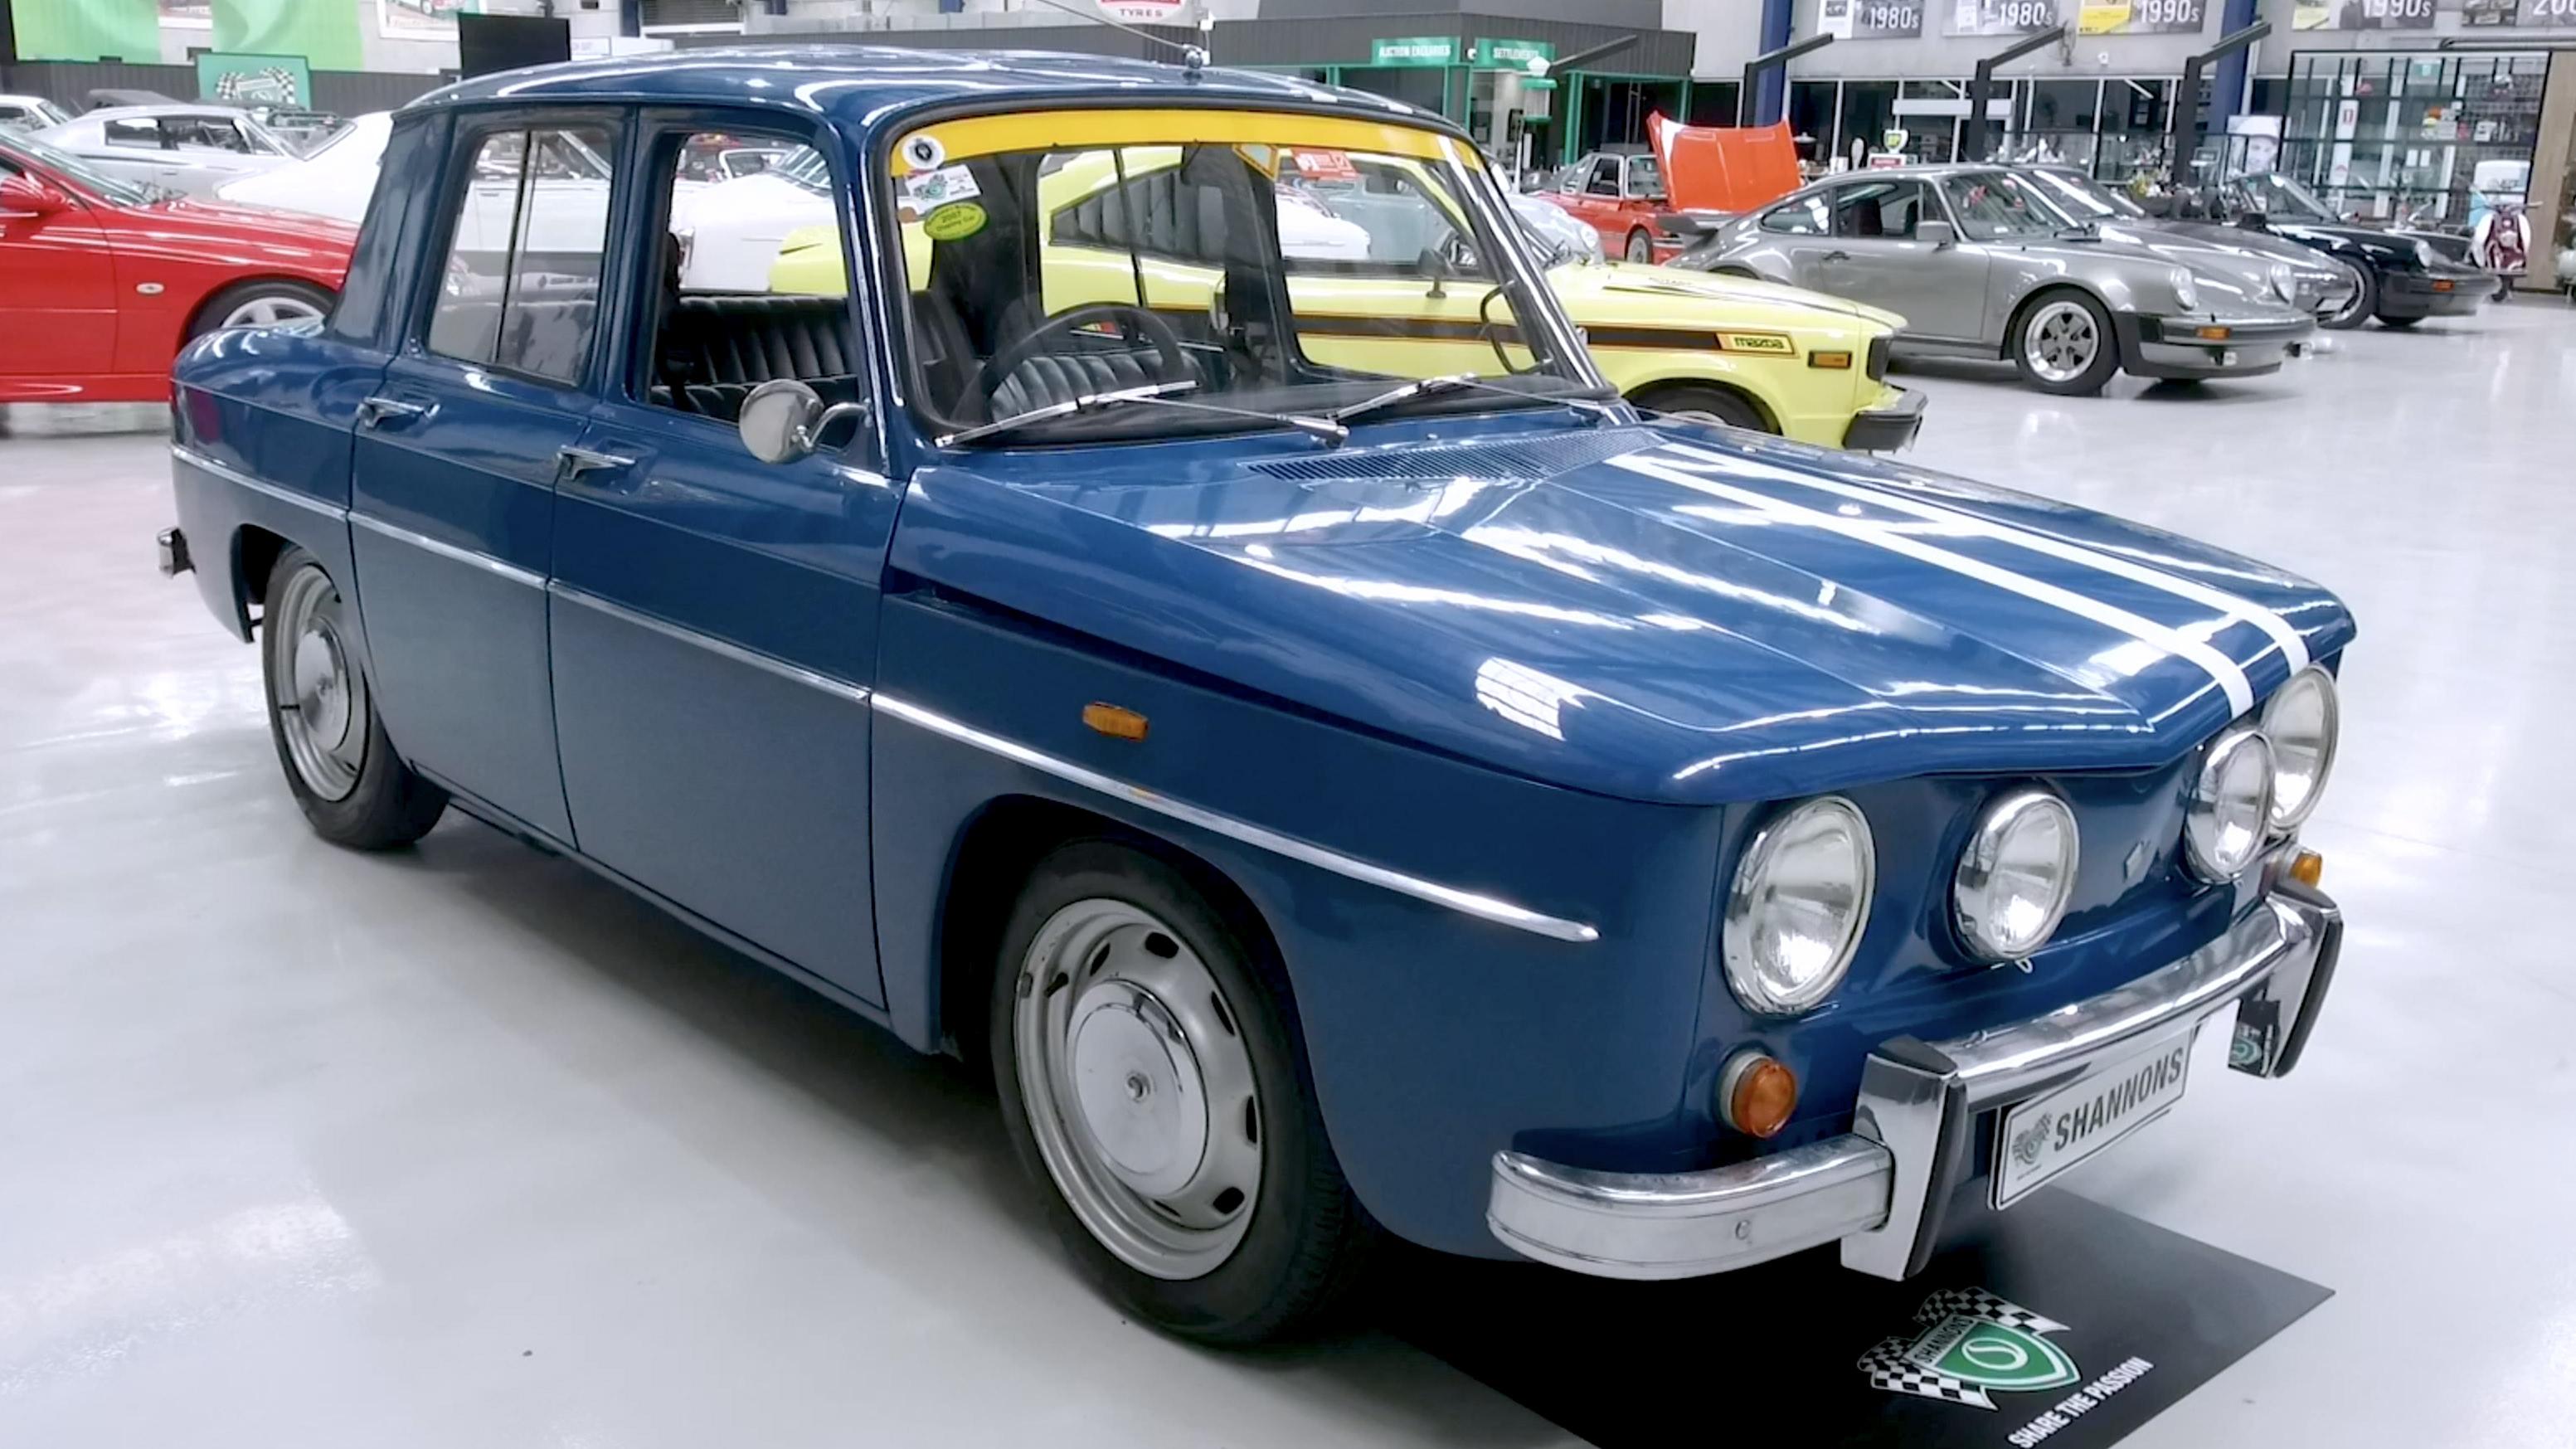 1967 Renault R8 Gordini Sedan - 2020 Shannons Spring Timed Online Auction